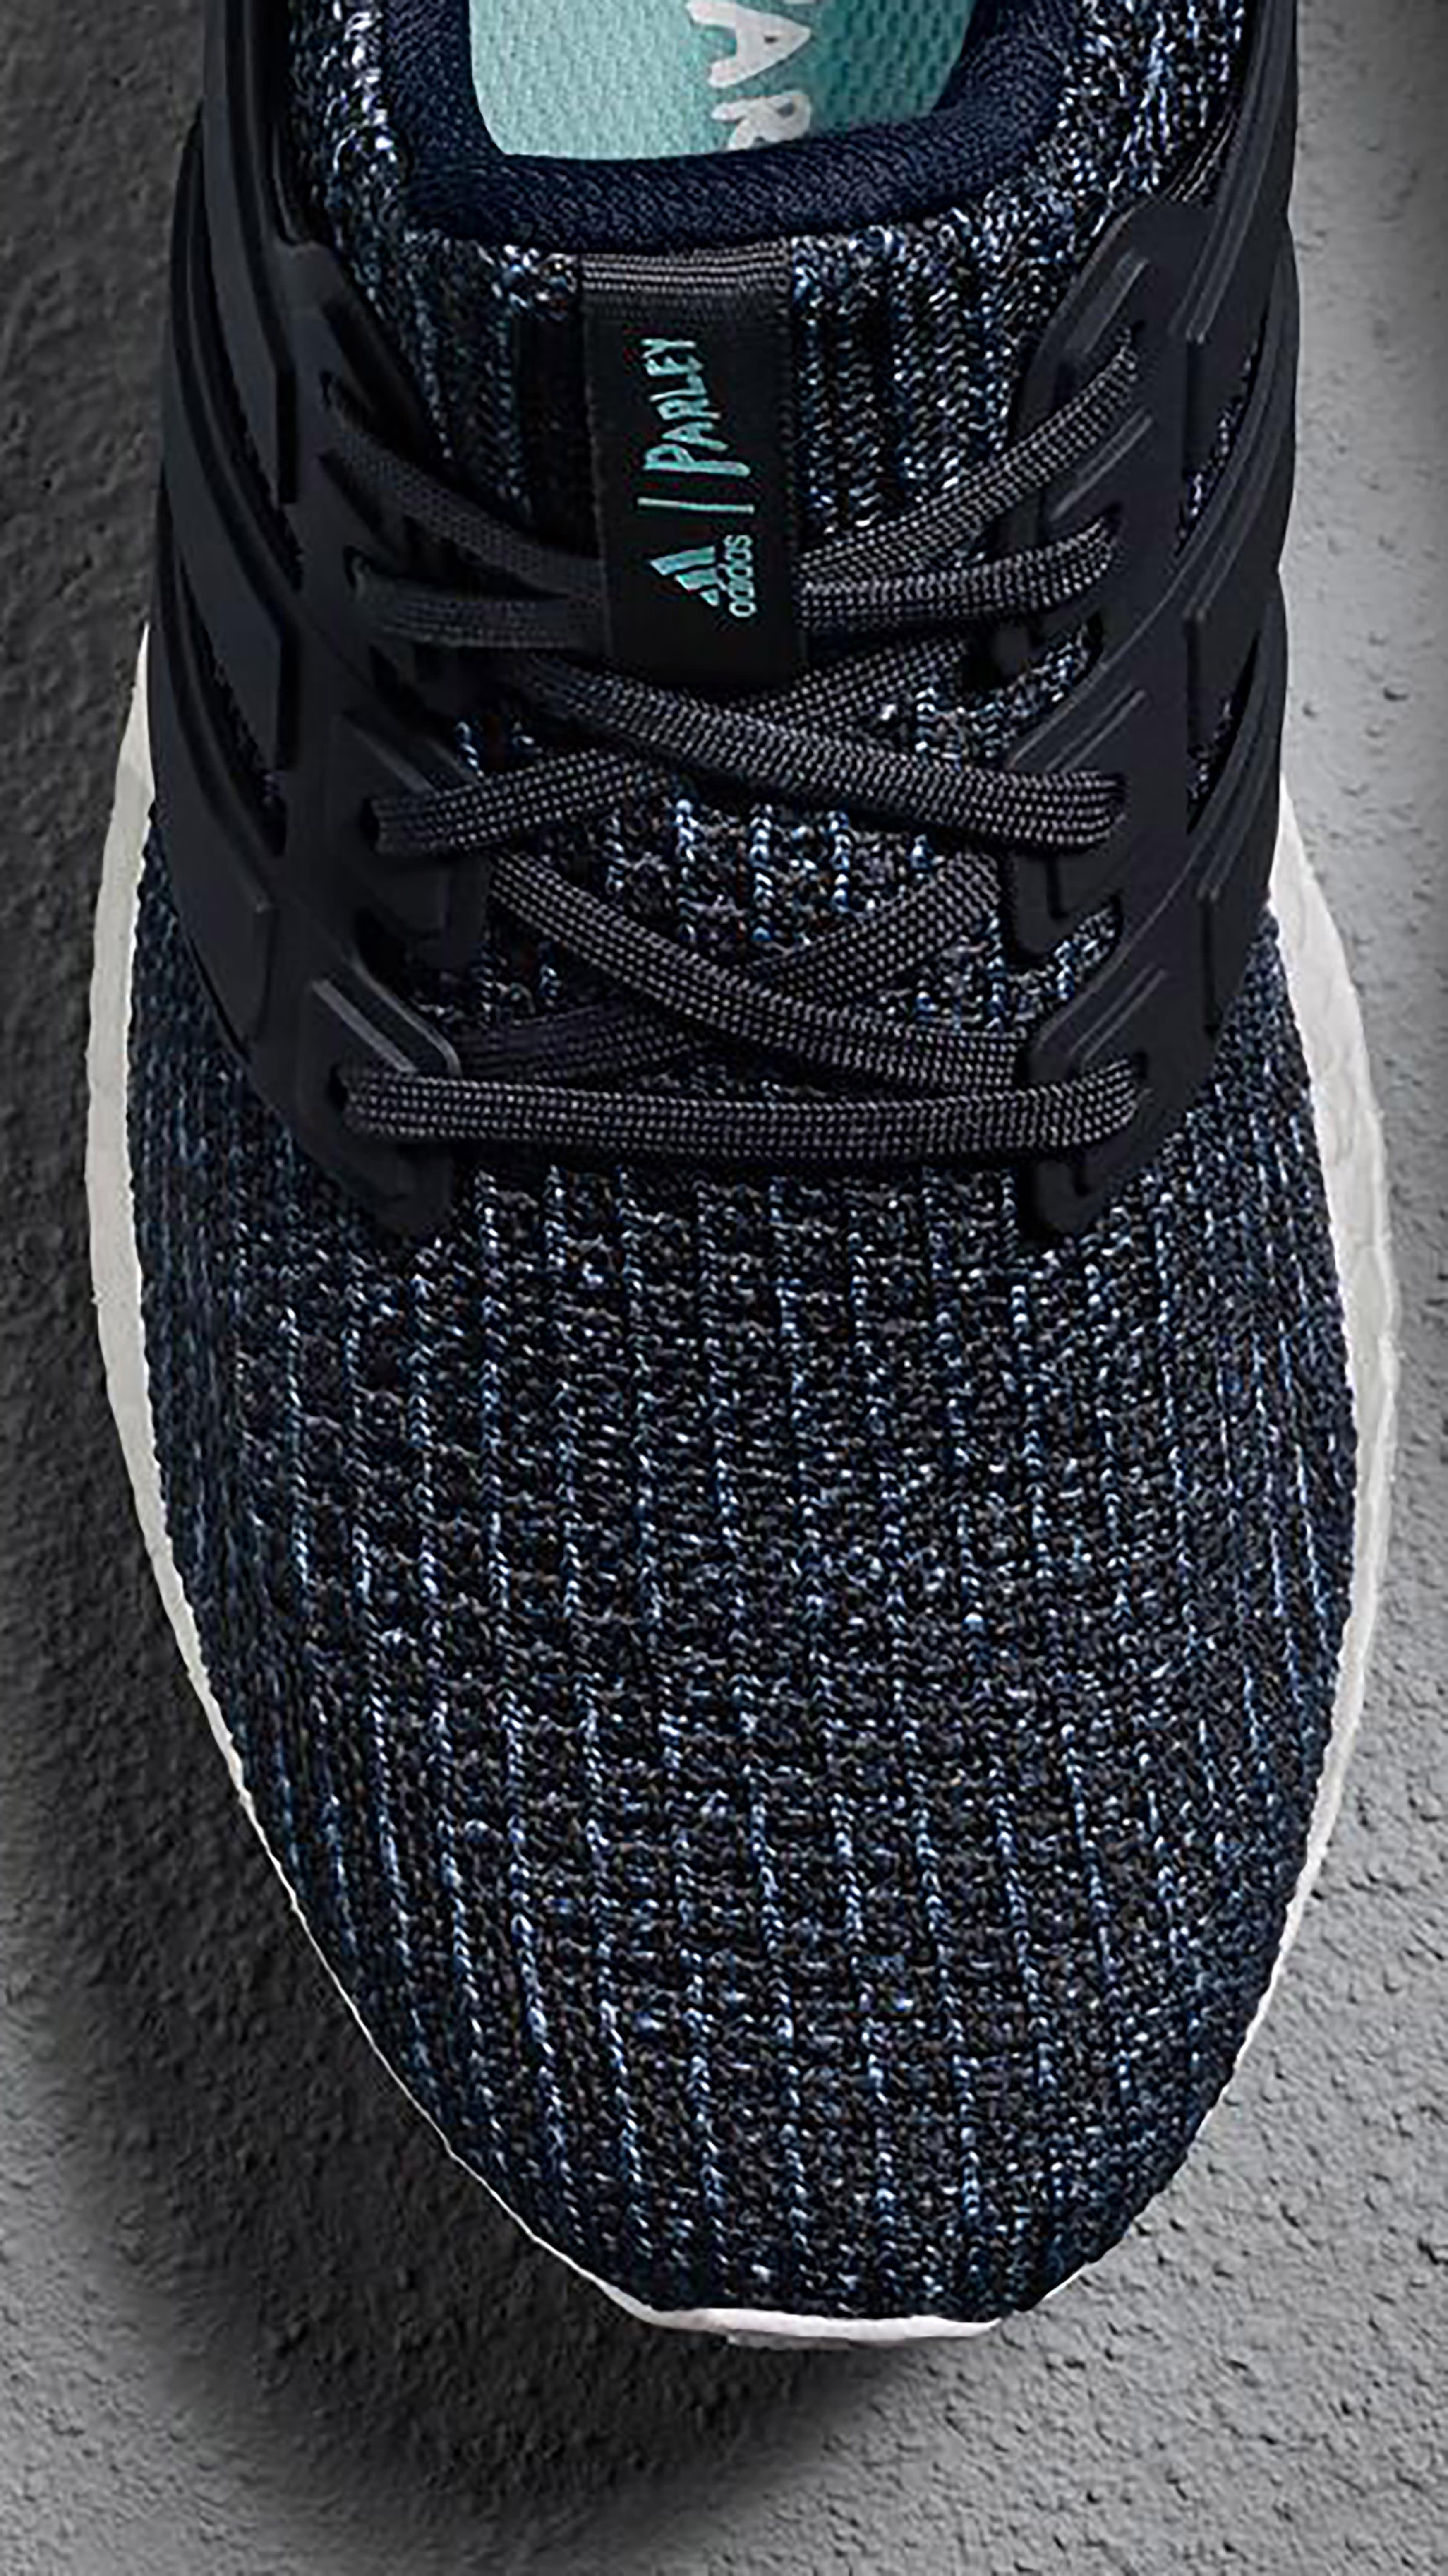 Parley x Adidas Ultra Boost 'Deep Ocean Blue' Men's (Detail)